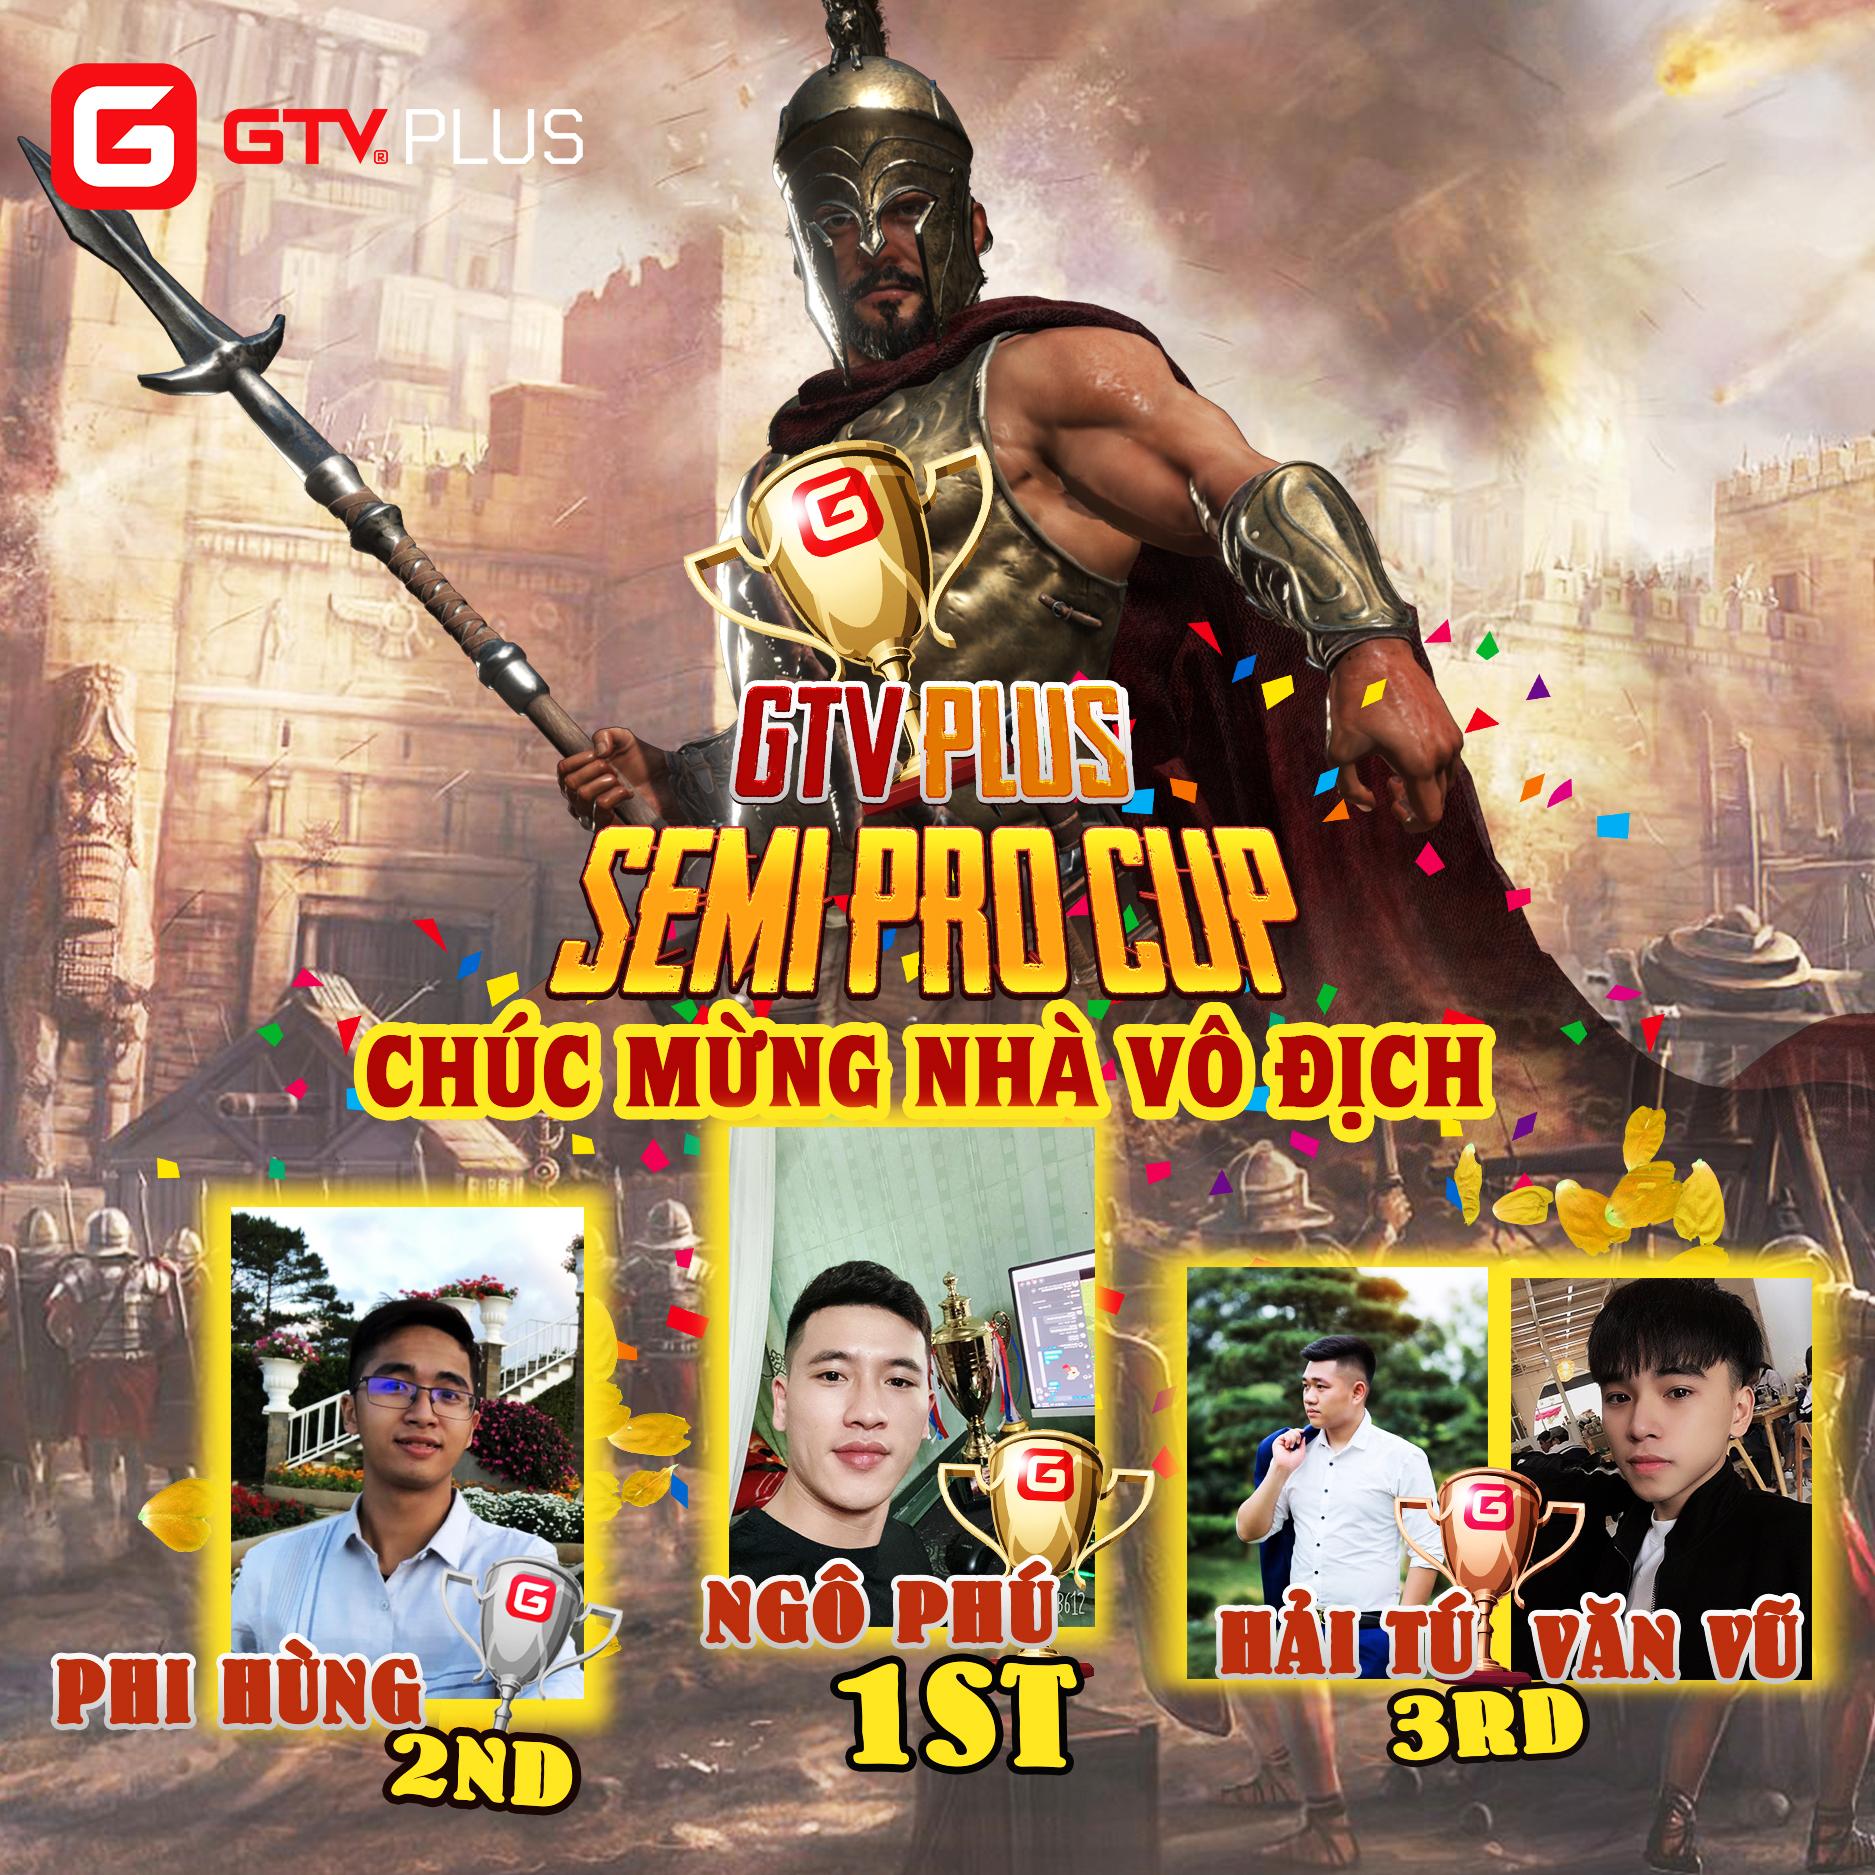 Lộ diện nhà vô địch Giải đấu GTV Semi Pro Cup 2021